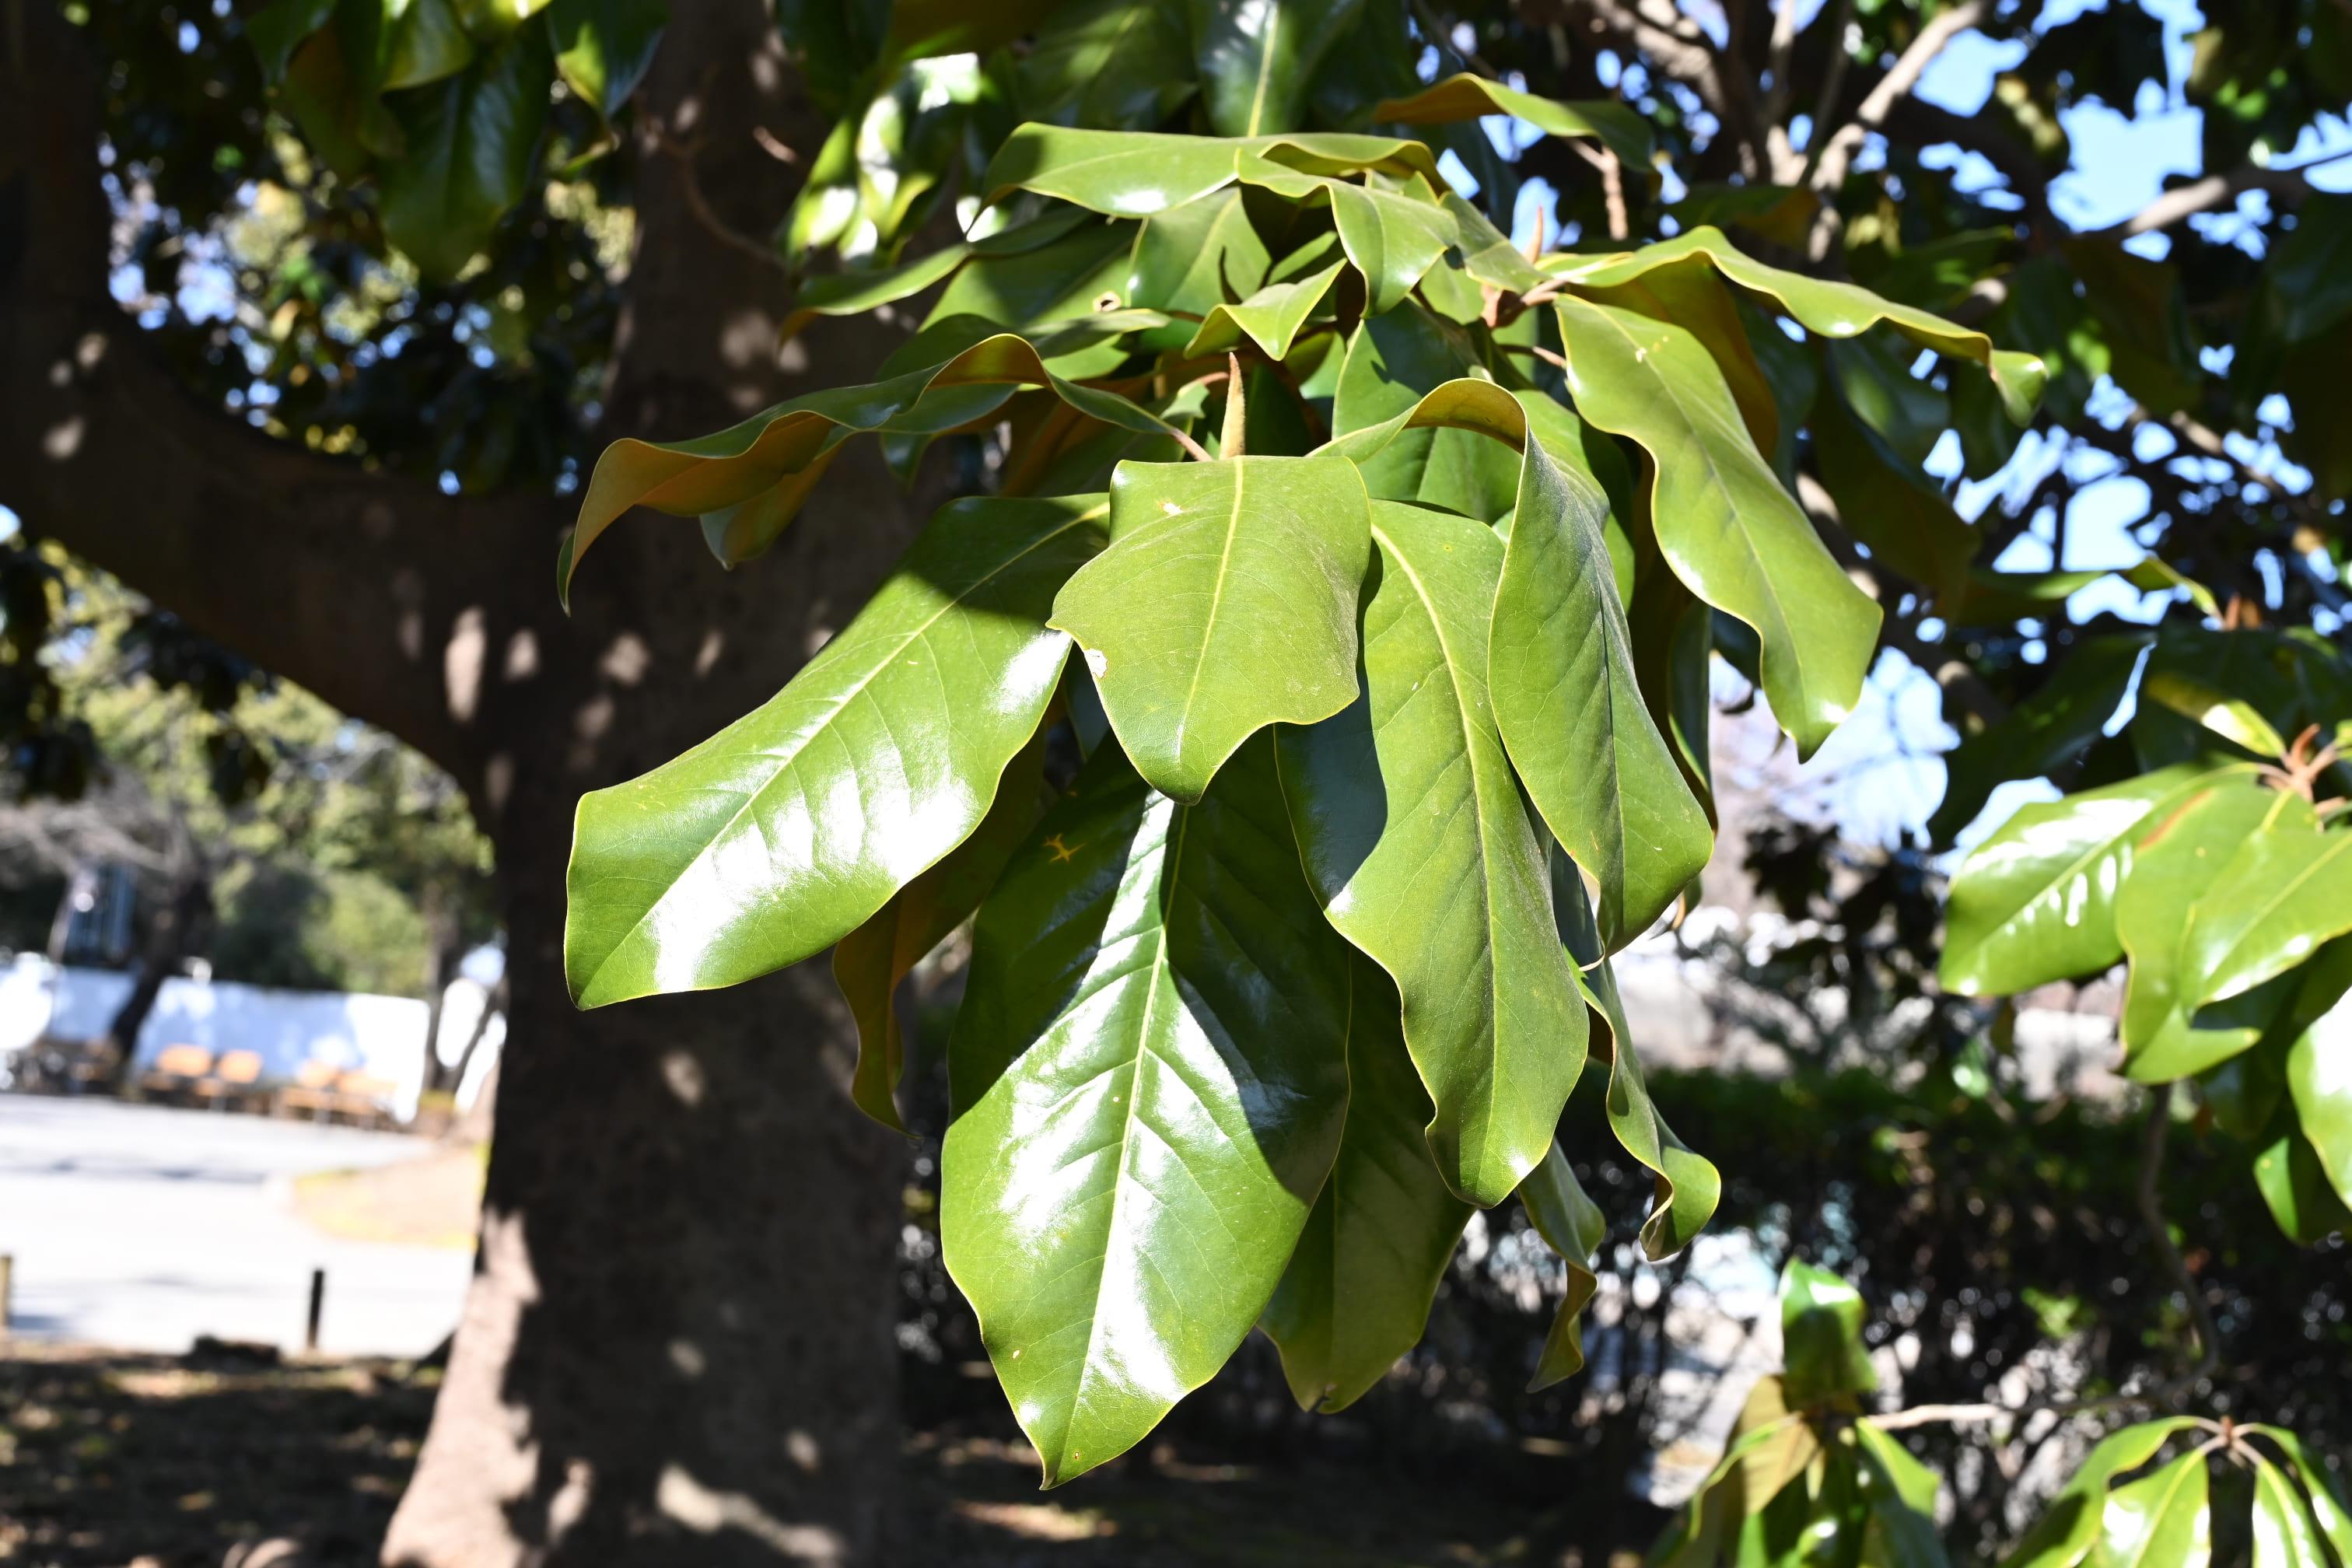 タイサンボクの葉っぱ 画像